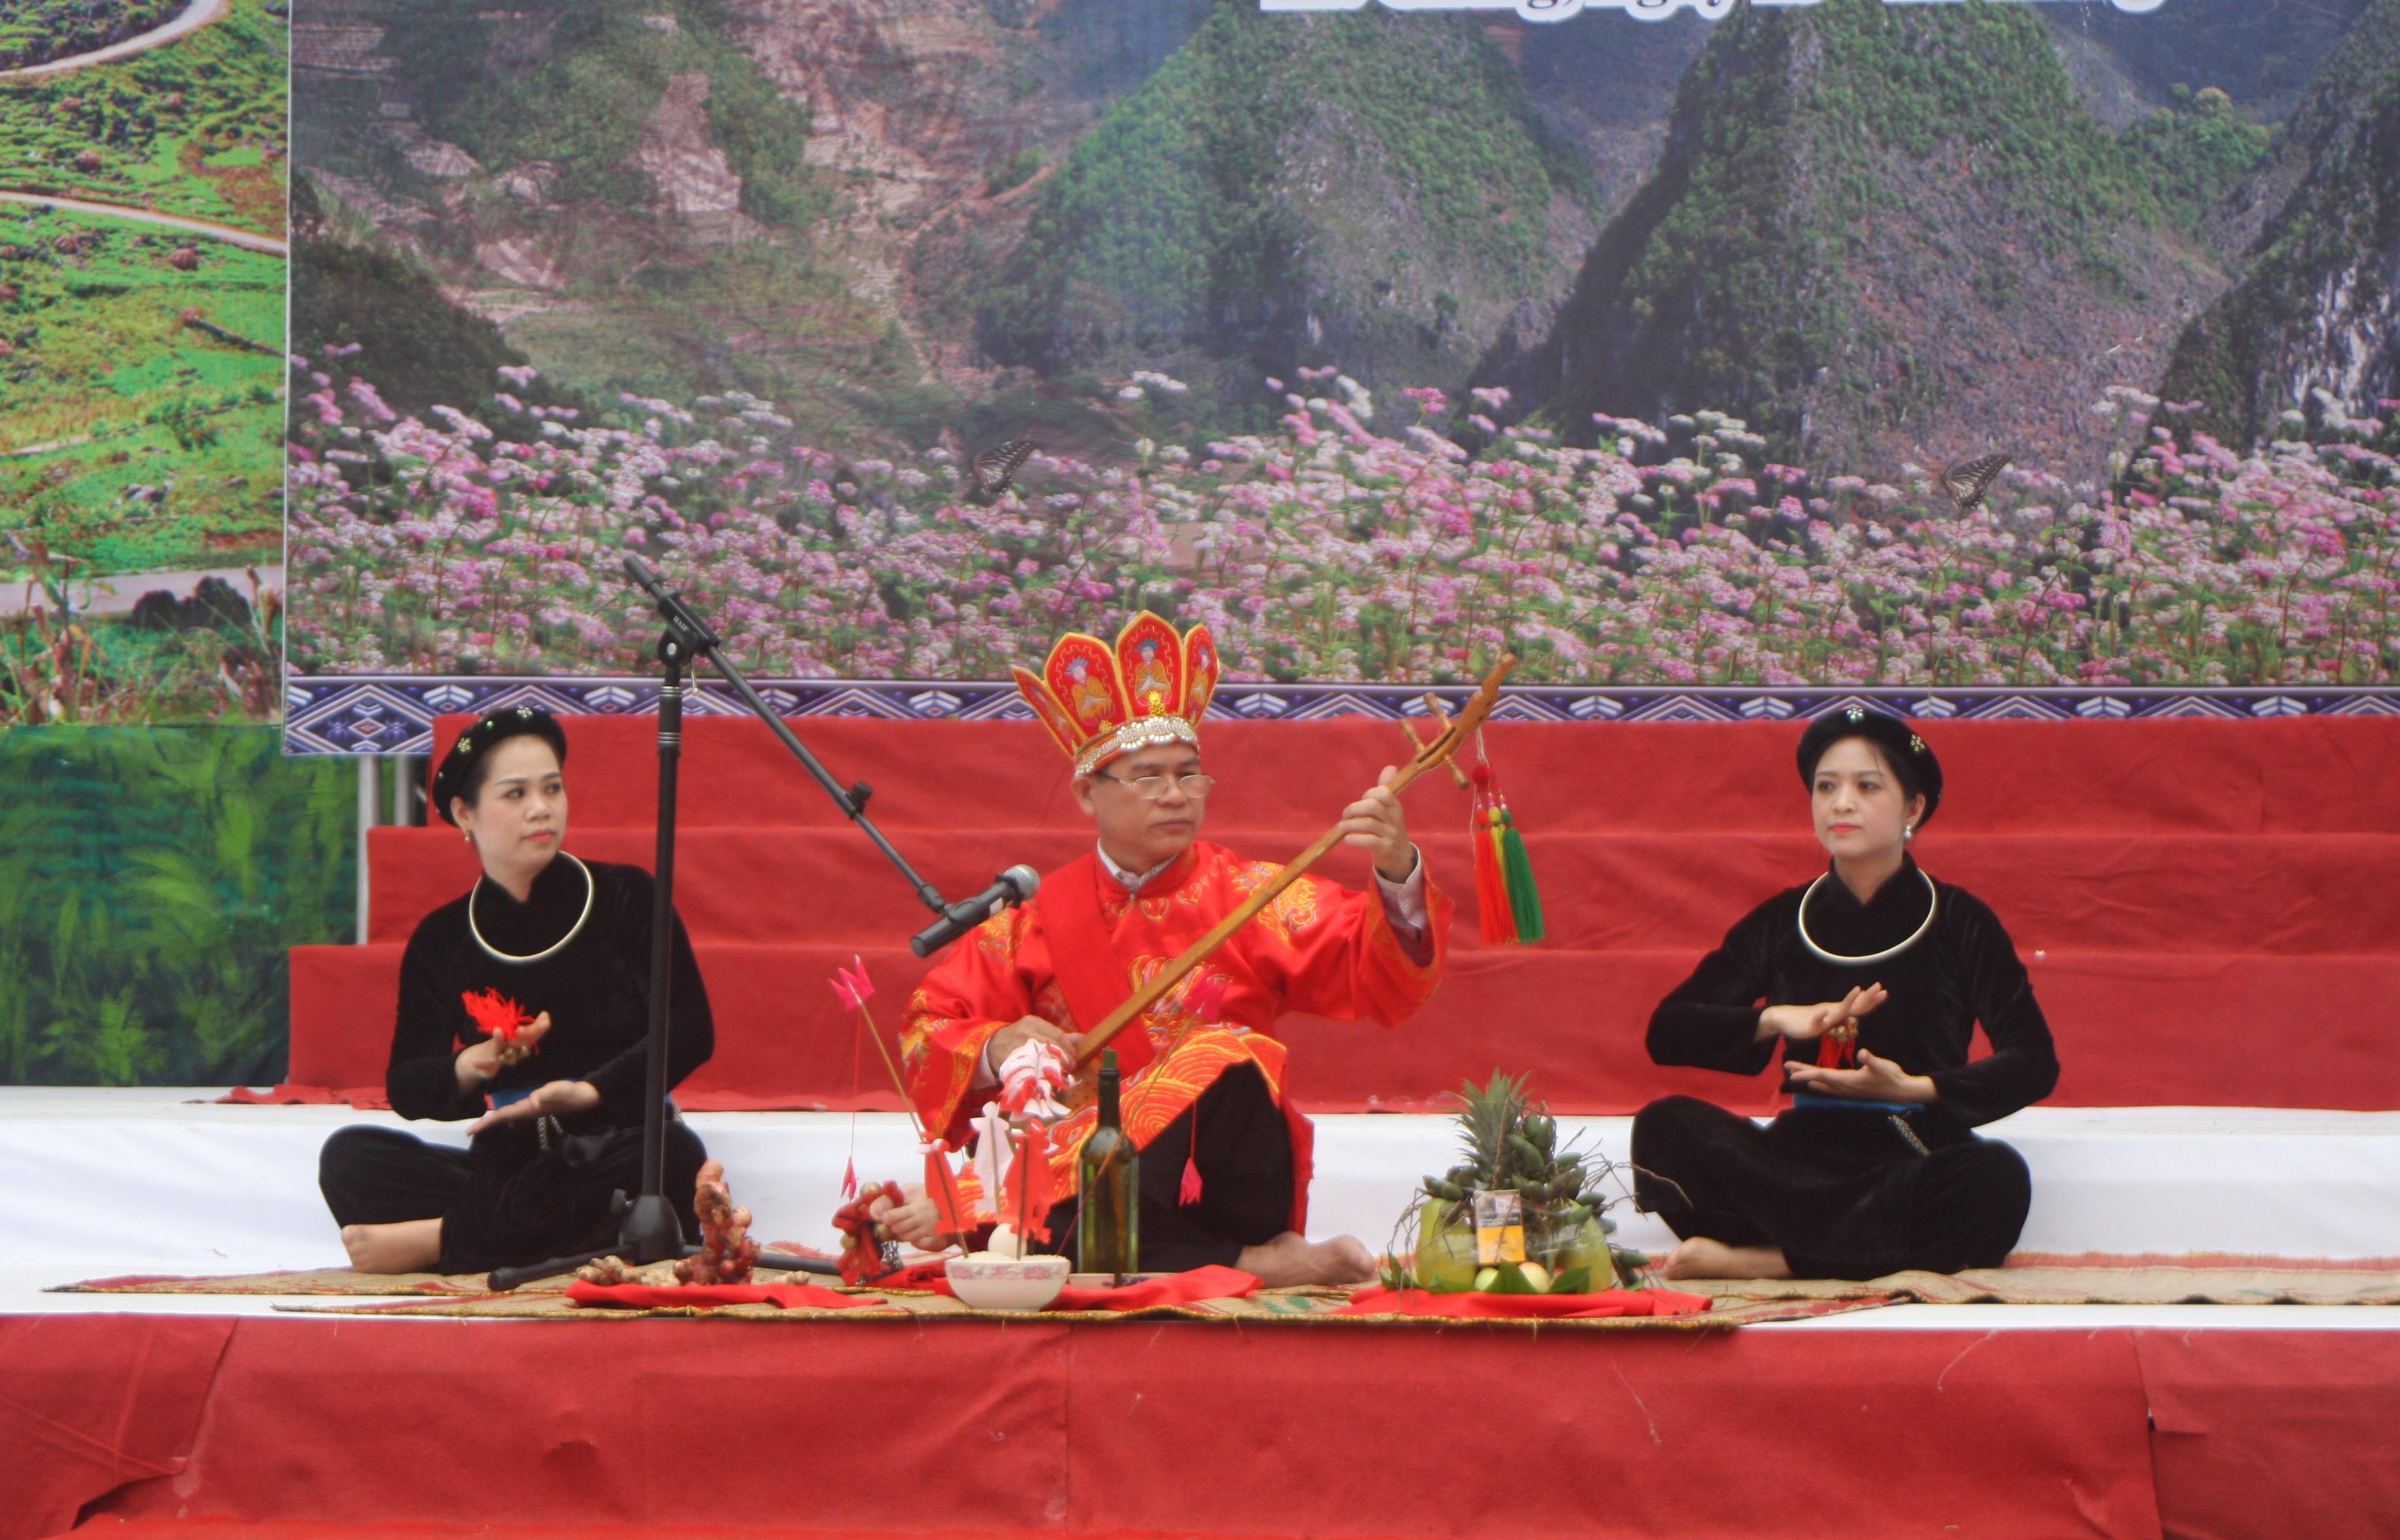 Một tiết mục hát Then nghi lễ tại Liên hoan nghệ thuật hát Then - đàn Tính các dân tộc Tày- Nùng- Thái toàn quốc lần thứ VI. Ảnh Ngọc Ánh